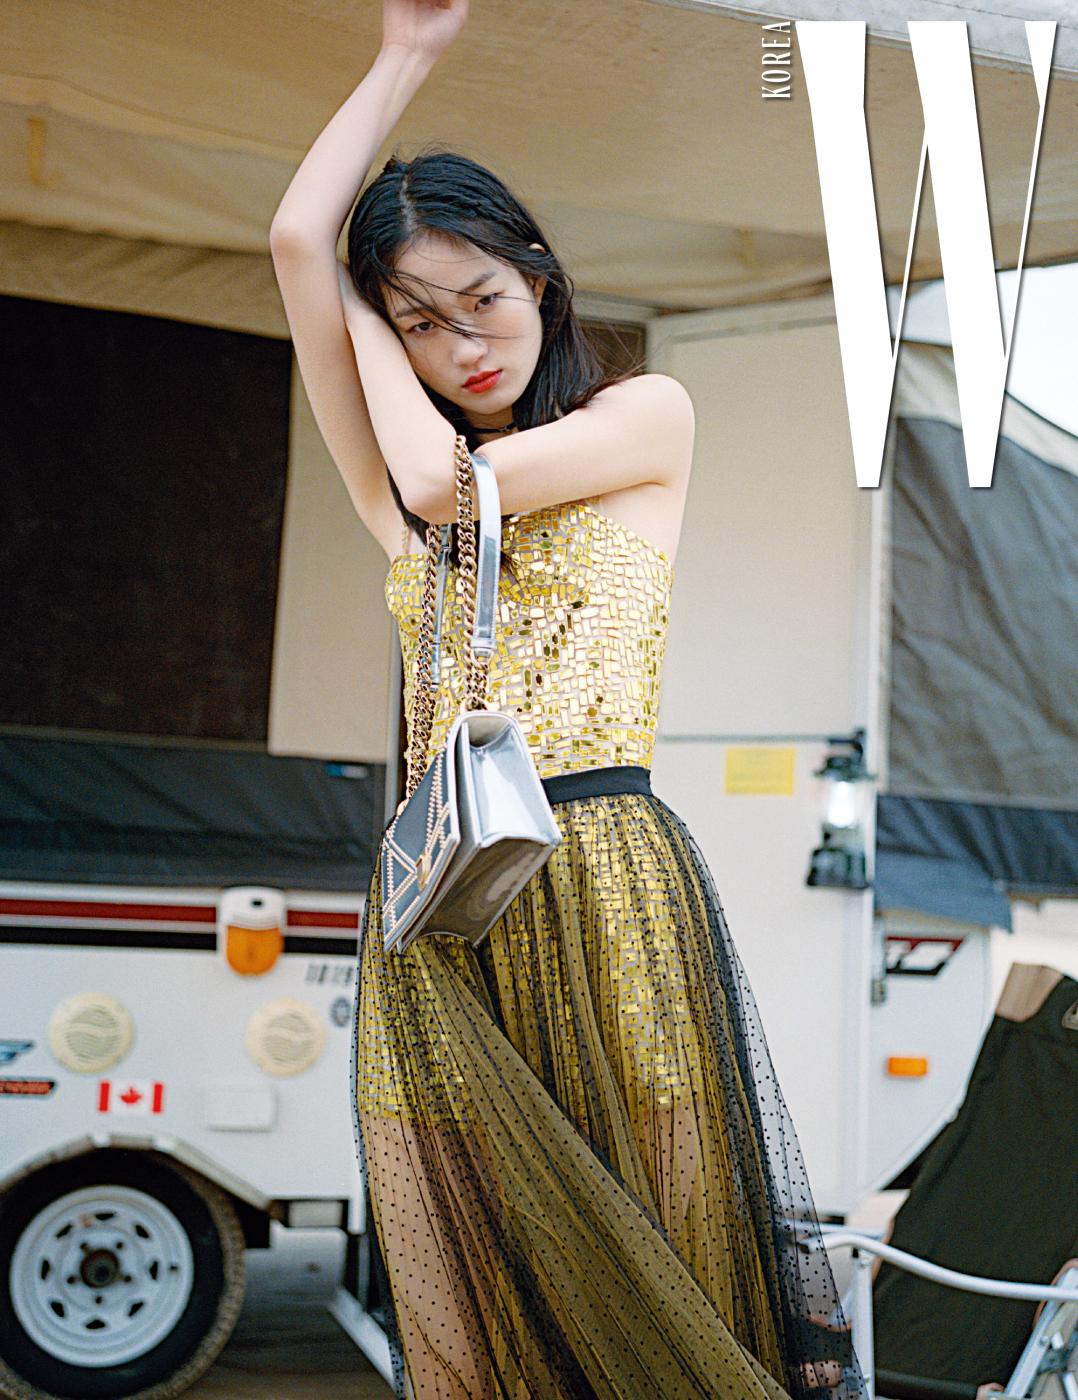 반짝이는 유리 조각을 이어 붙인 듯한 점프슈트와 샤 스커트, 핸드백은 모두 Dior 제품.